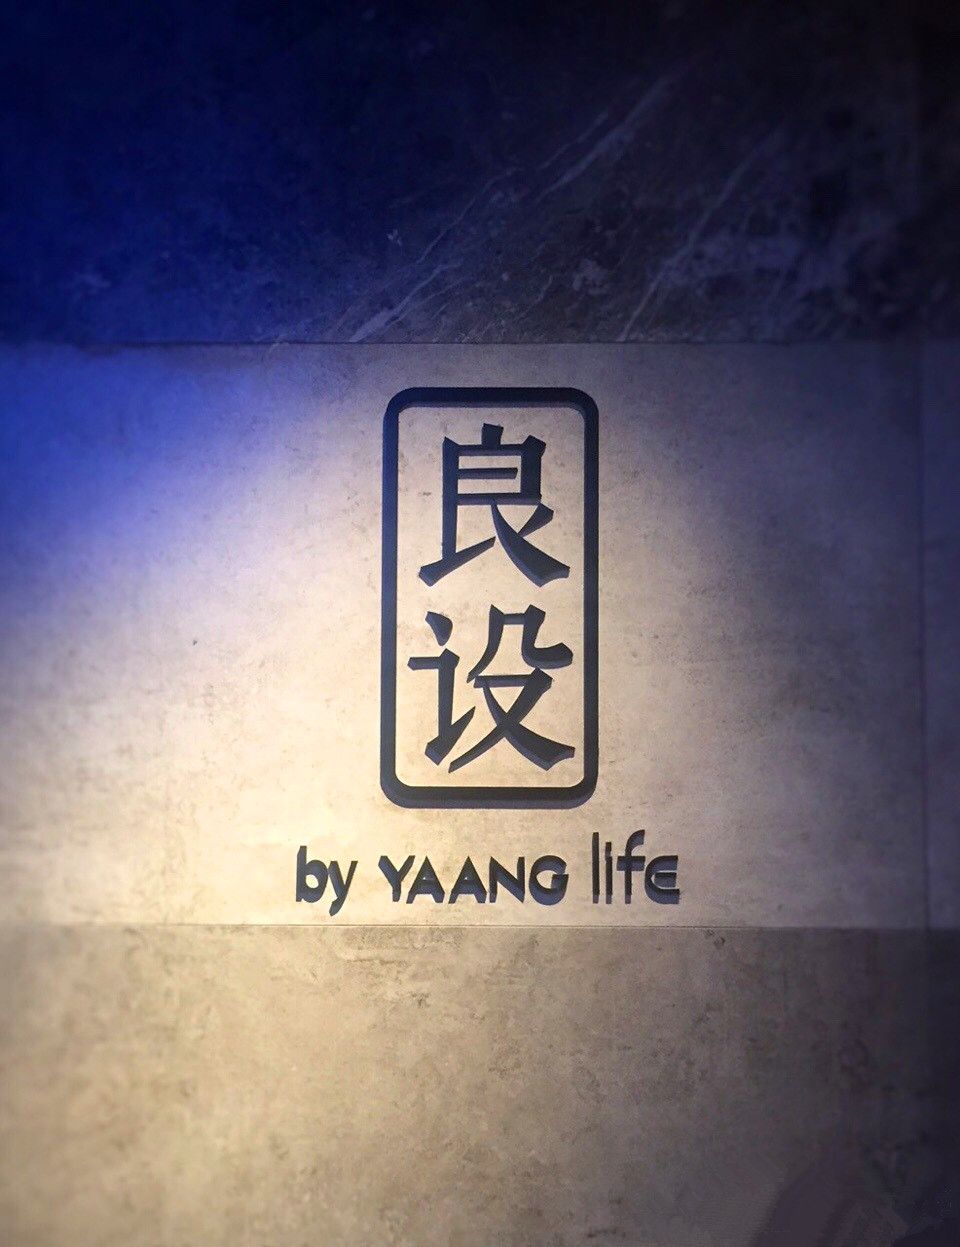 良设 by YAANG life(愚园路店)